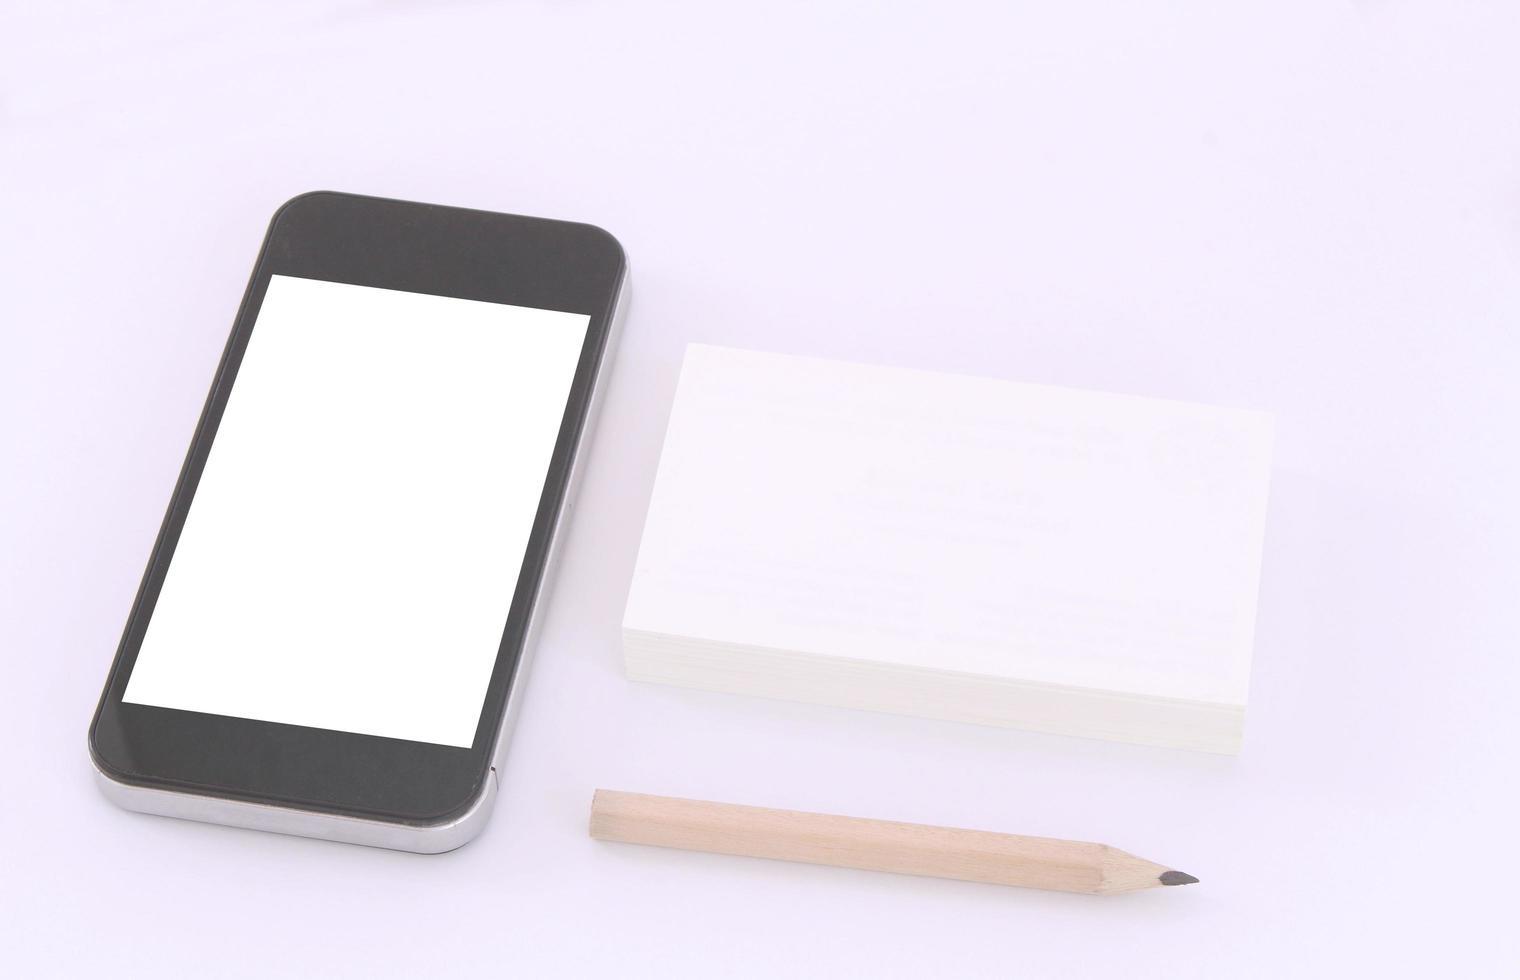 smartphonemodel met stapel kaarten foto